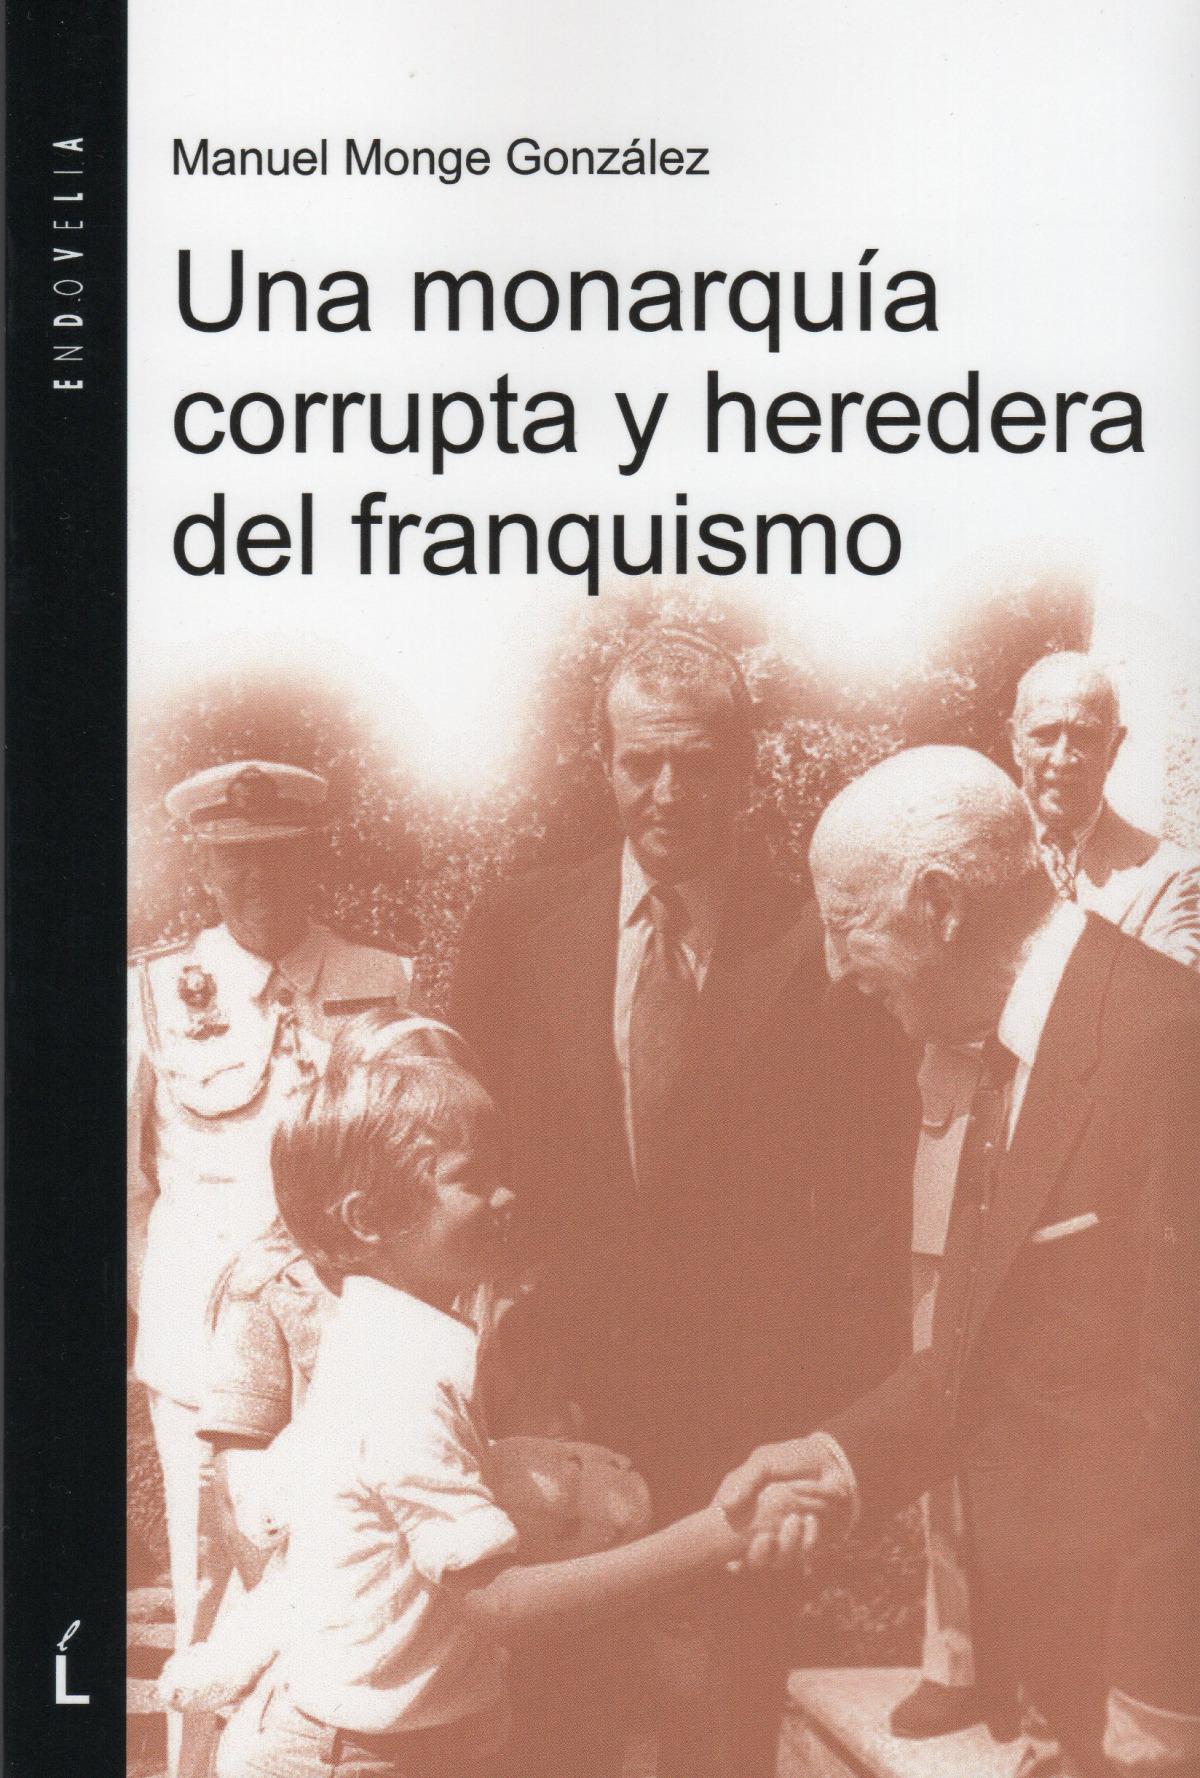 Una monarquía corrupta y heredera del franquismo